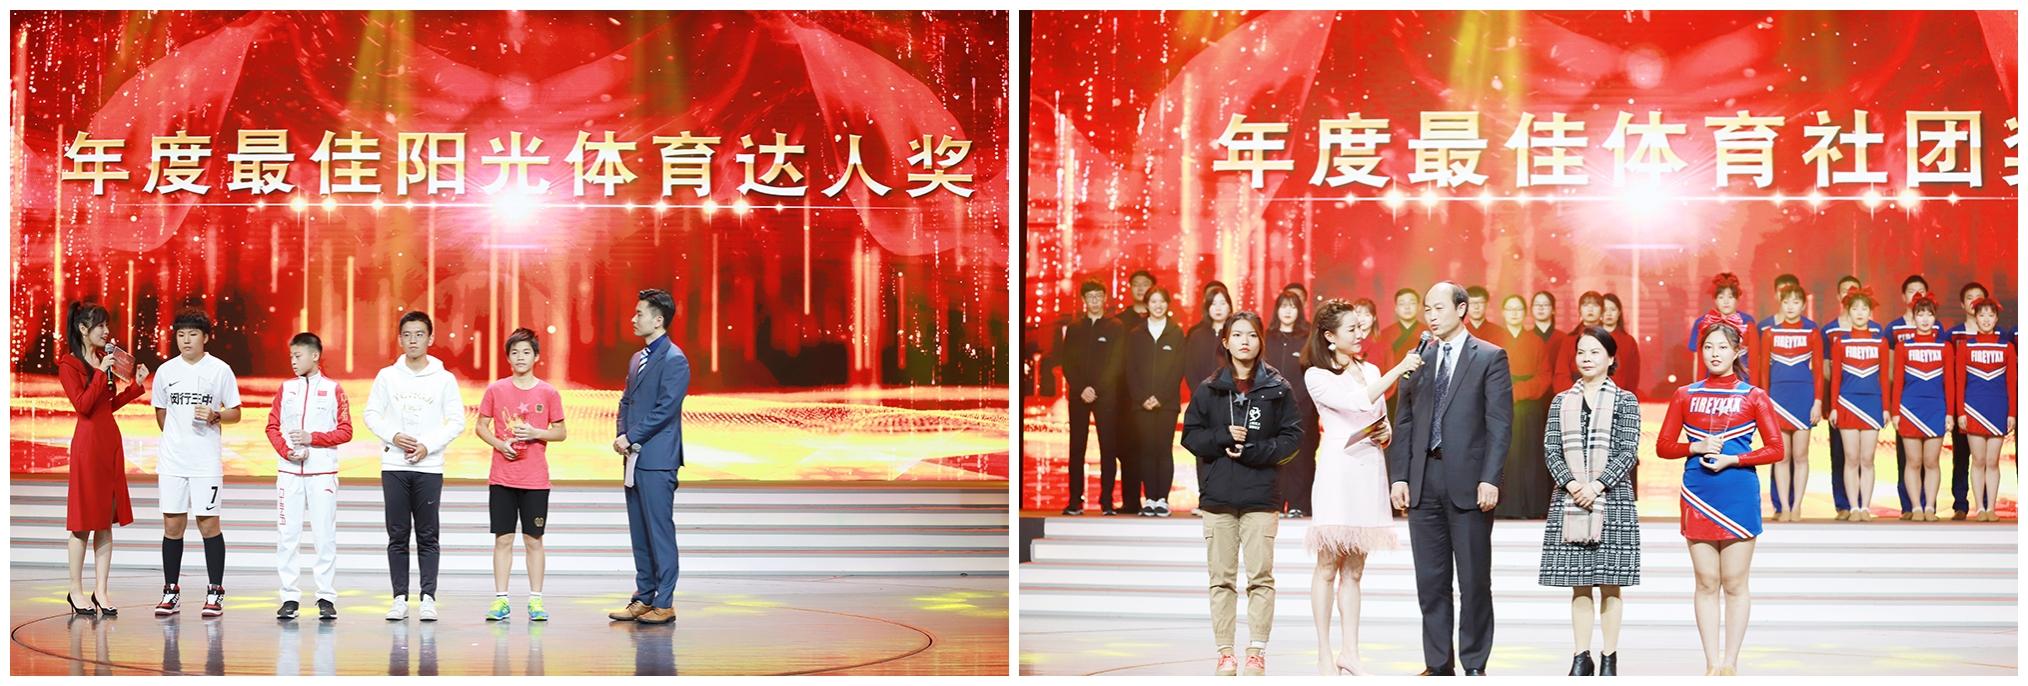 """阳光名义中的运动活力,上海校园体育揭晓年度""""劳伦斯"""""""